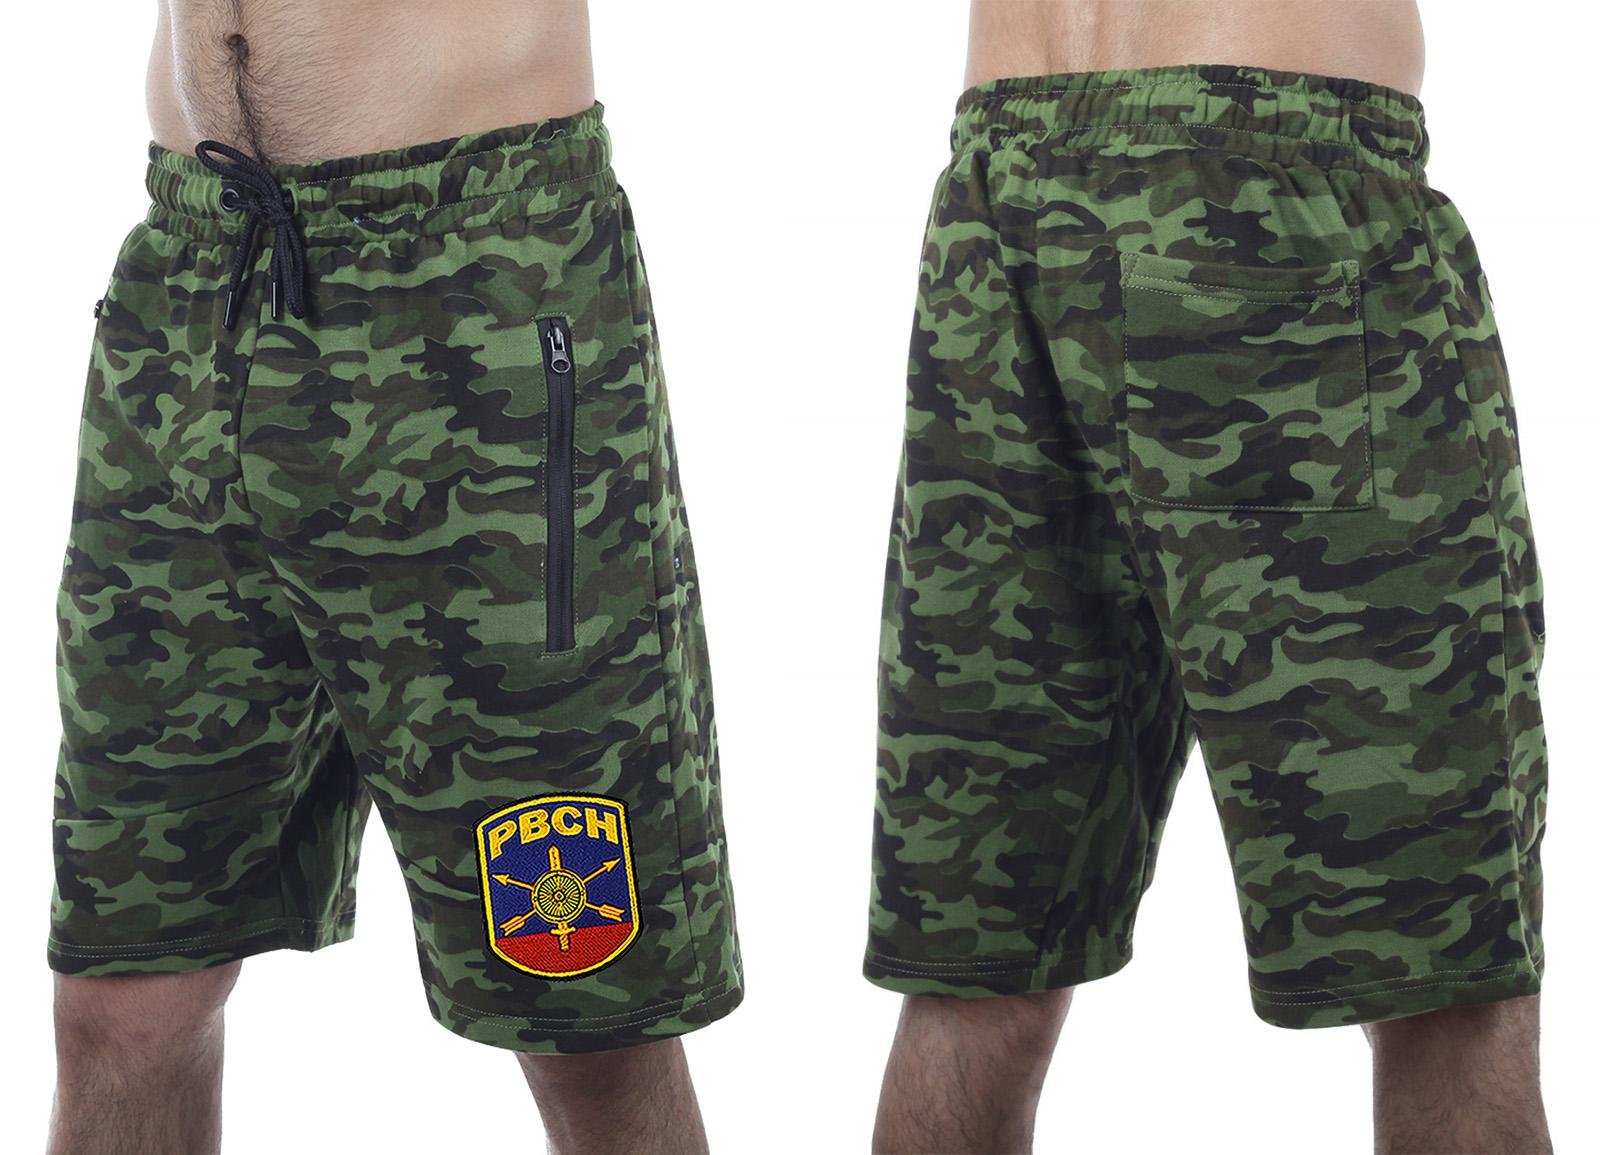 Армейские комфортные шорты с карманами и нашивкой РВСН - заказать оптом